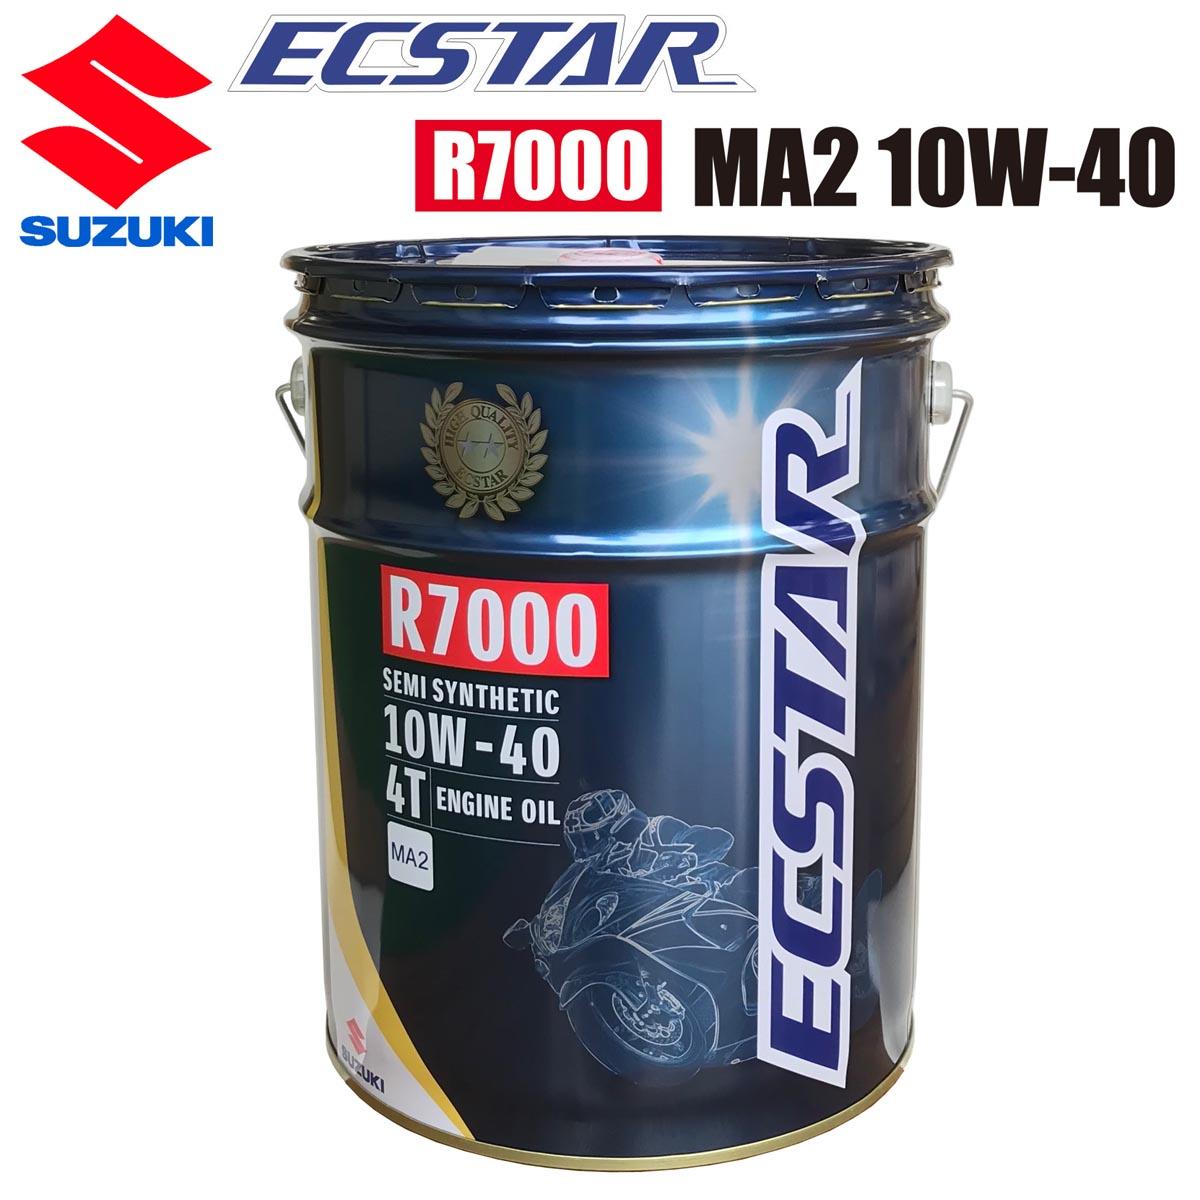 SUZUKI ECSTAR R7000 MA2 10W-40 エンジンオイル 20L缶 (99000-21EA0-027)